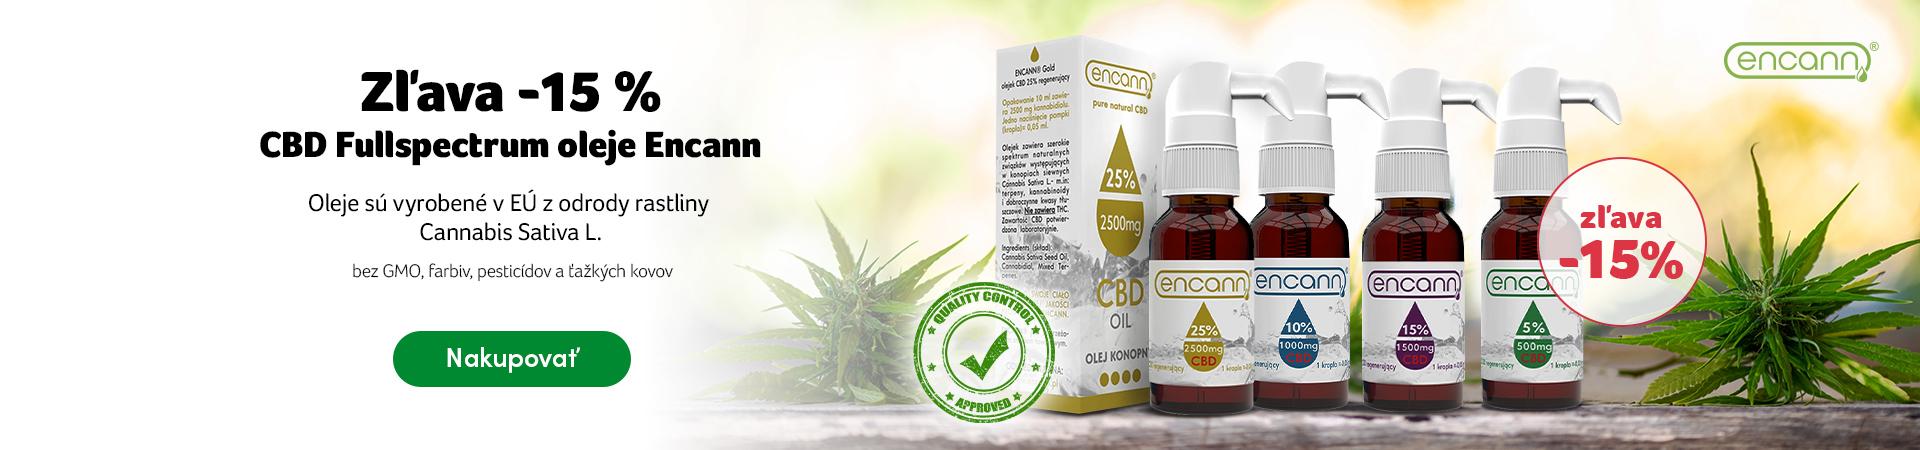 CBD oleje zľava -15%